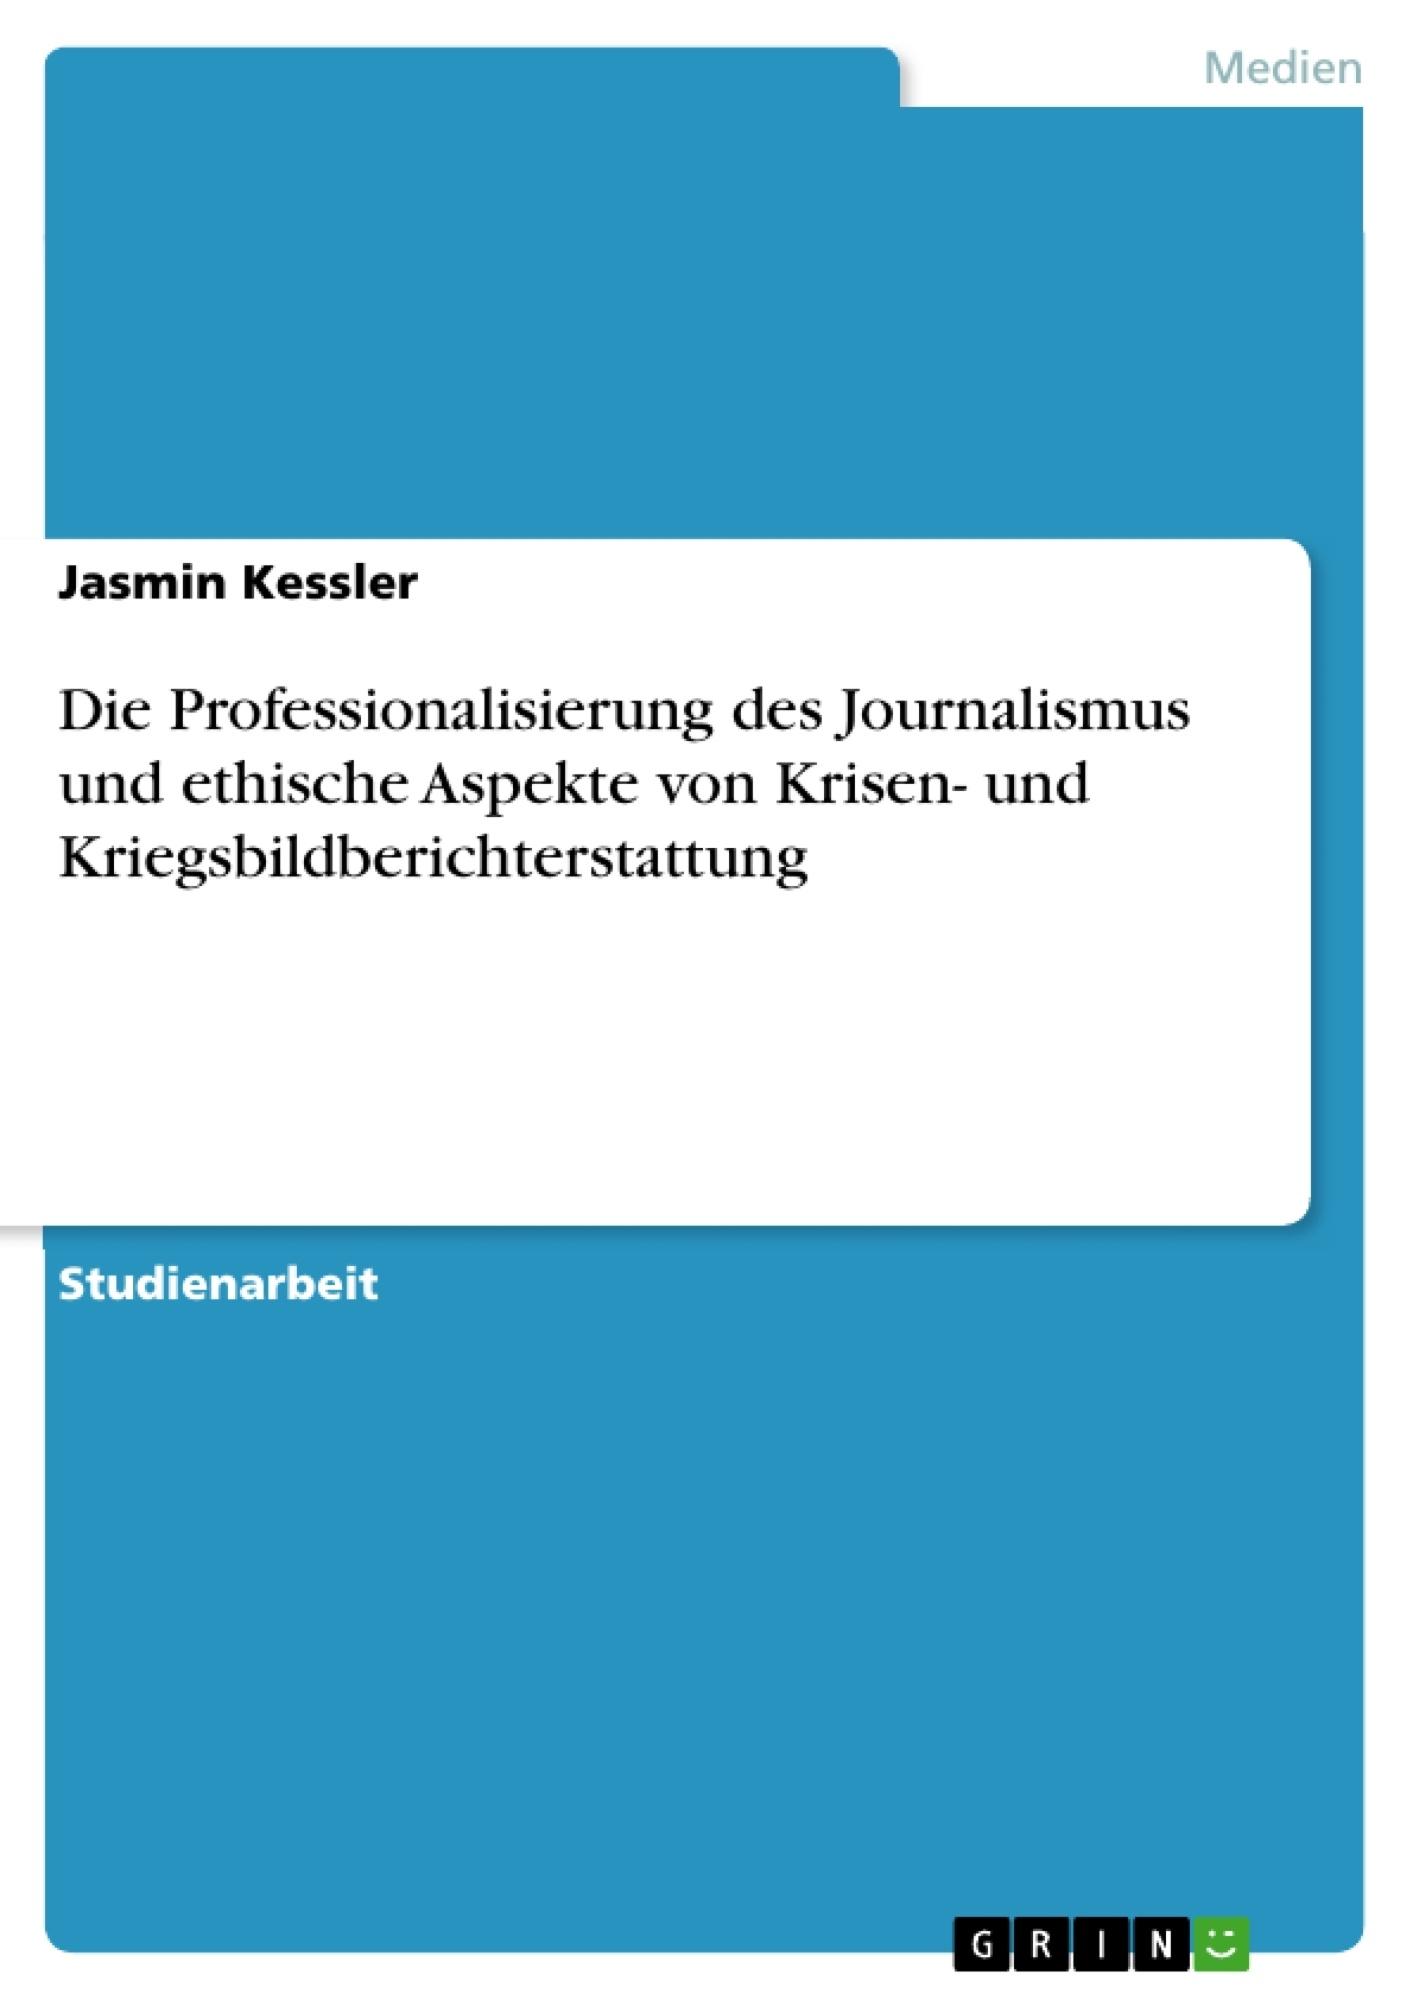 Titel: Die Professionalisierung des Journalismus und ethische Aspekte von Krisen- und Kriegsbildberichterstattung